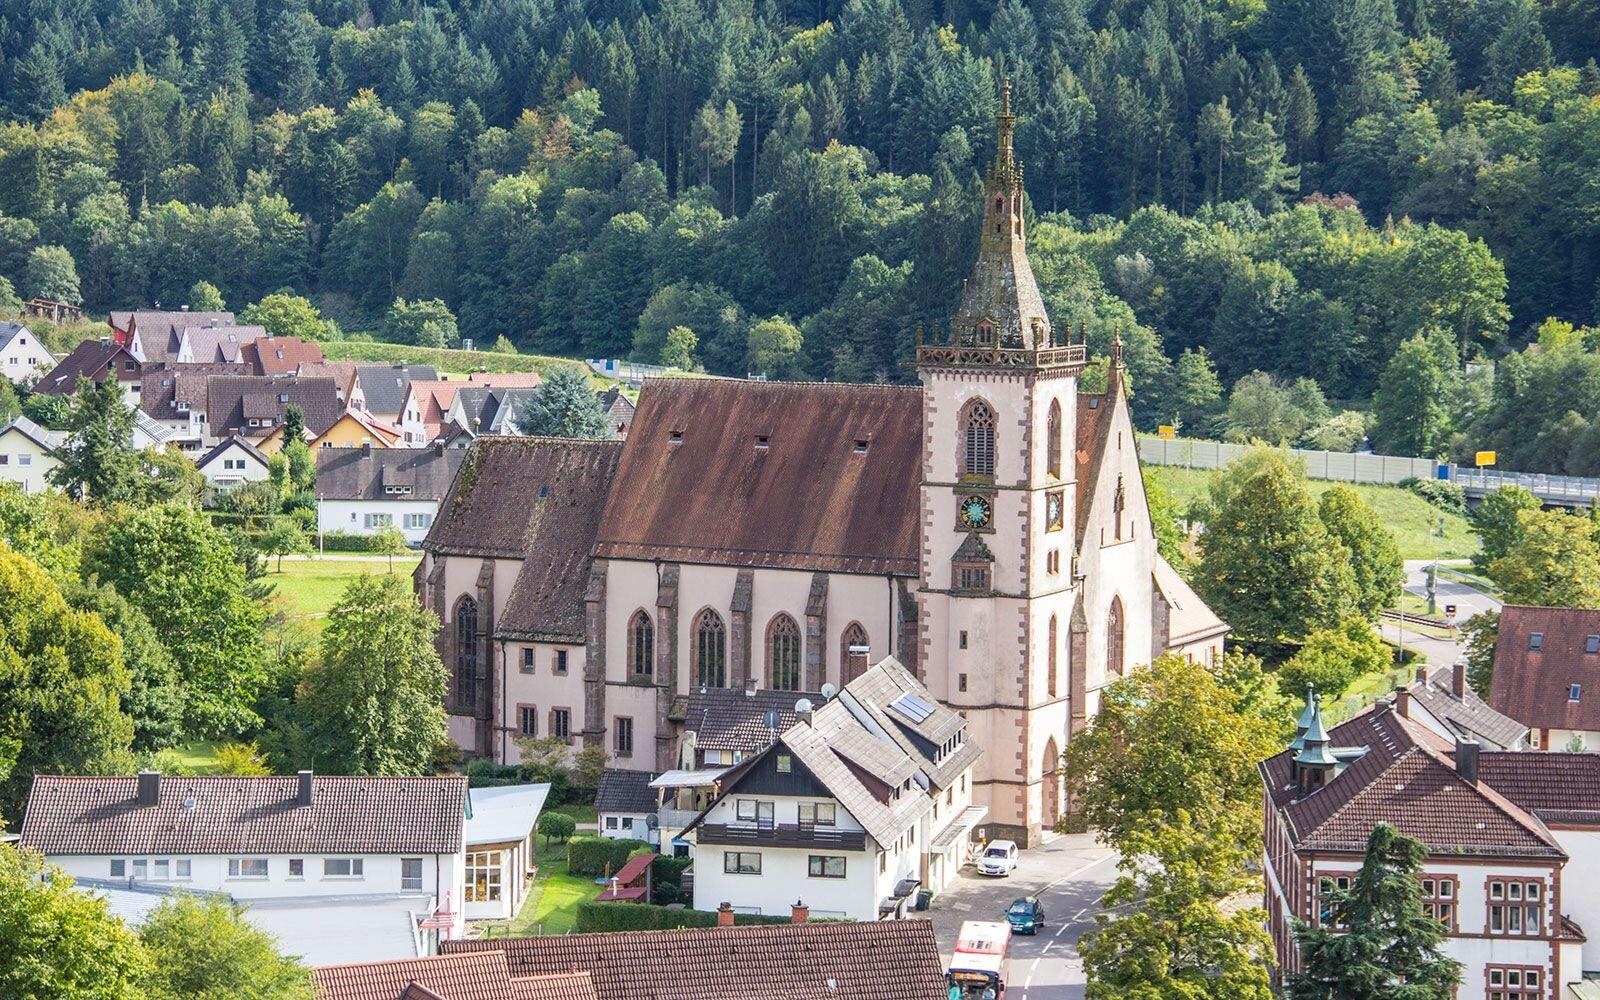 Wallfahrtskirche von Lautenbach